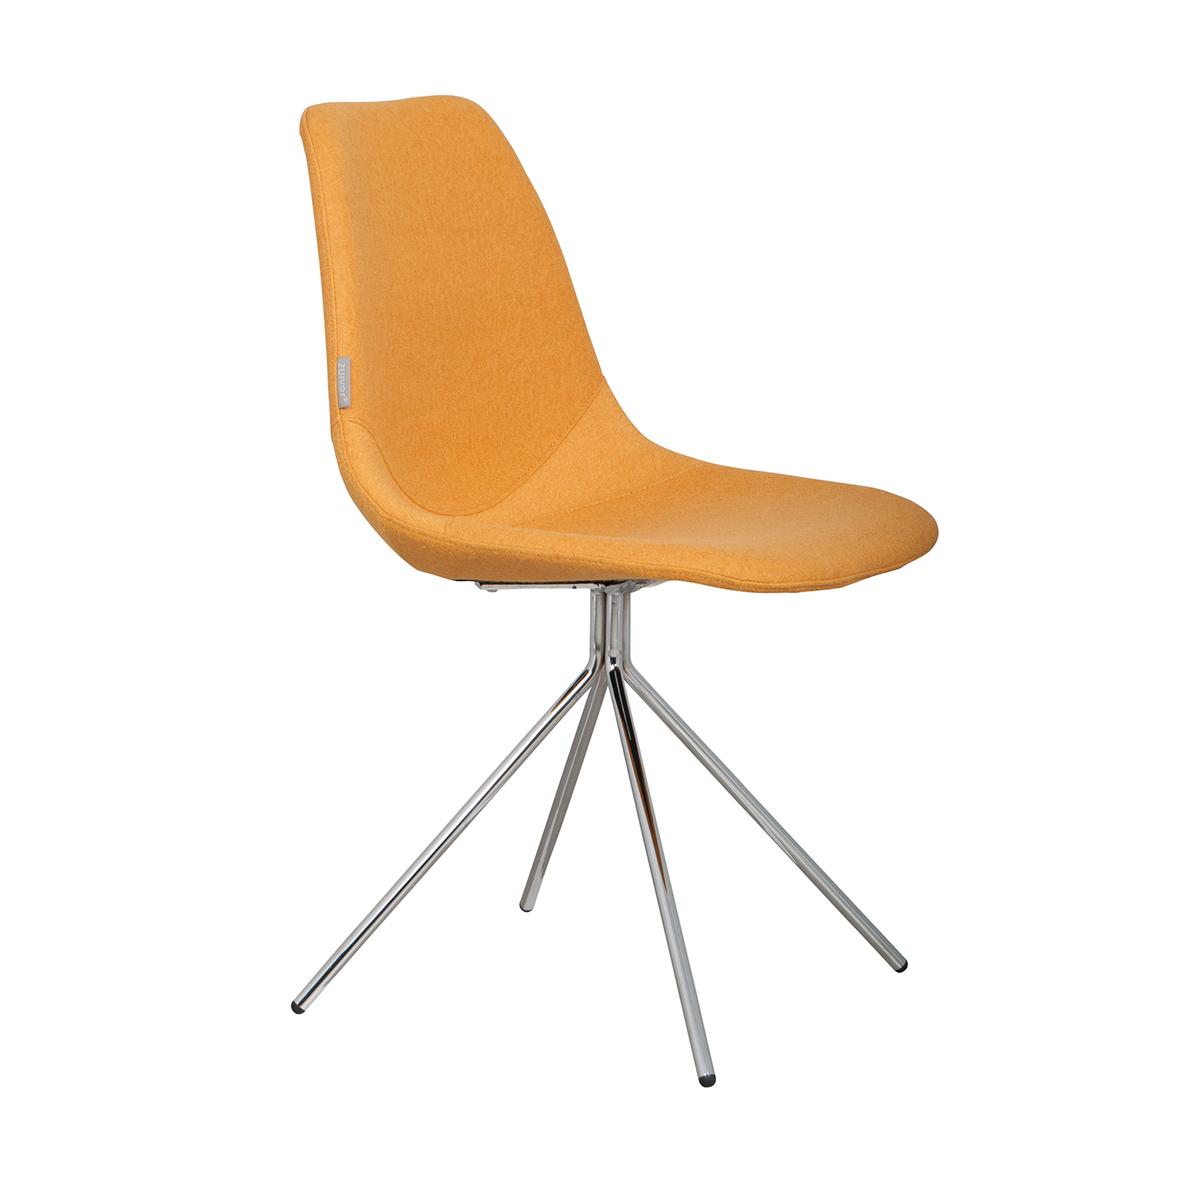 Fourteen up zuiver evolution for Zuiver stoelen